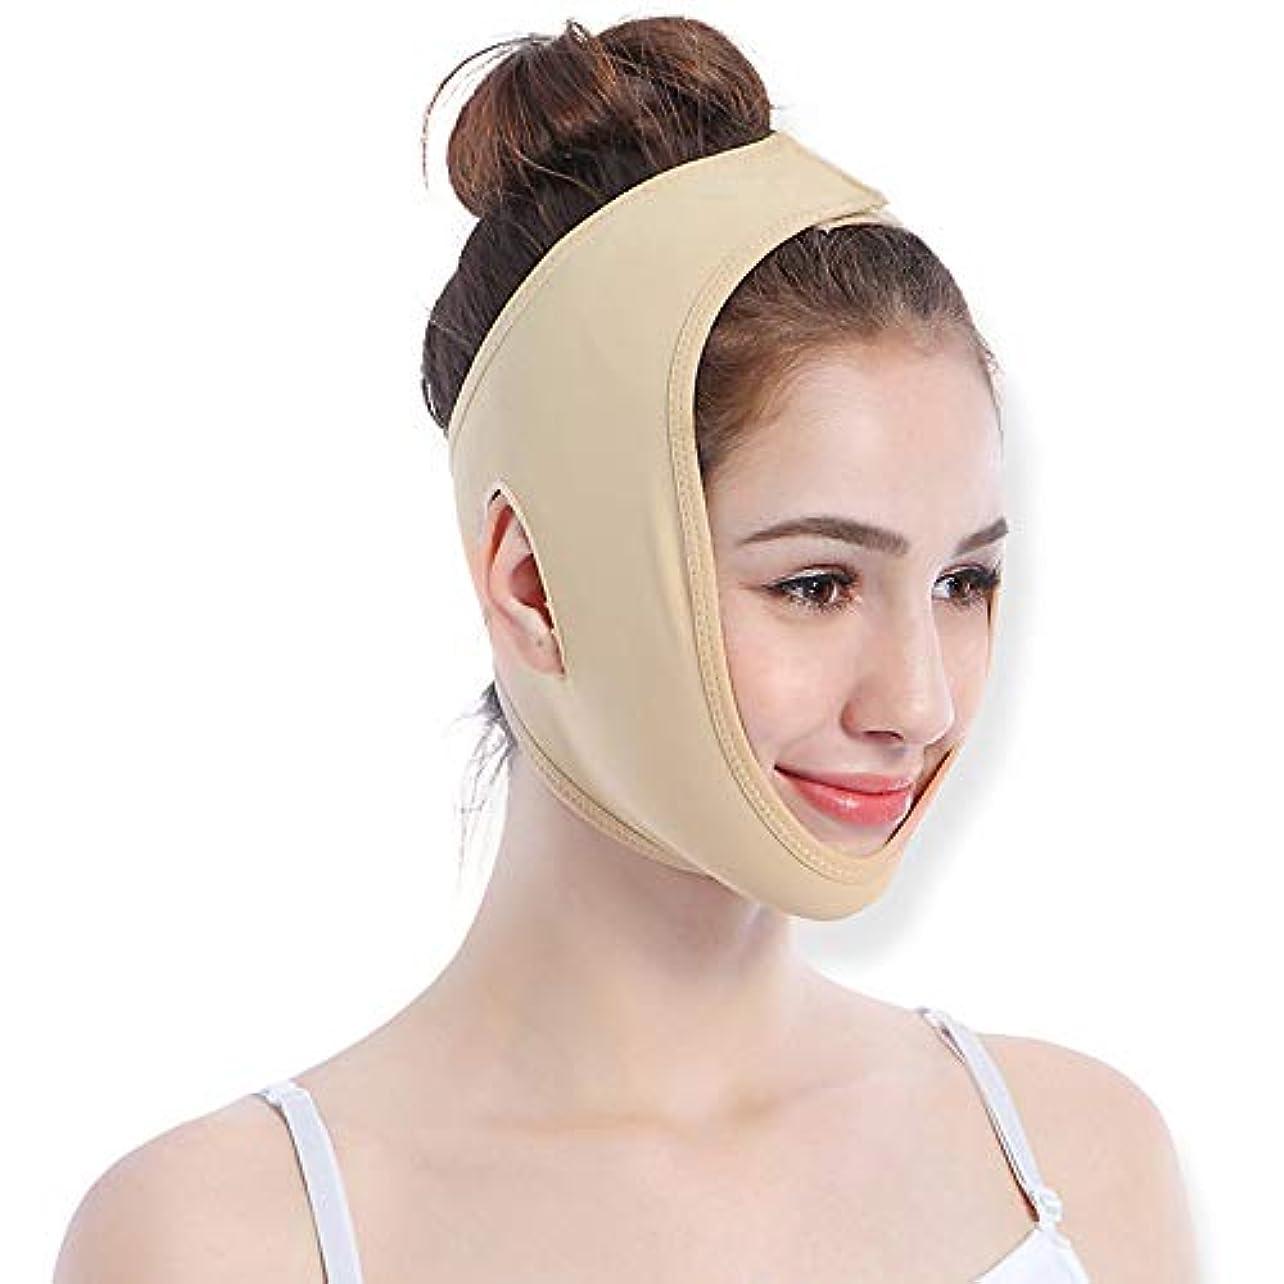 電球ゲート健全顔の重量損失通気性顔マスク睡眠 V 顔マスク顔リフティング包帯リフティング引き締めフェイスリフティングユニセックス,S